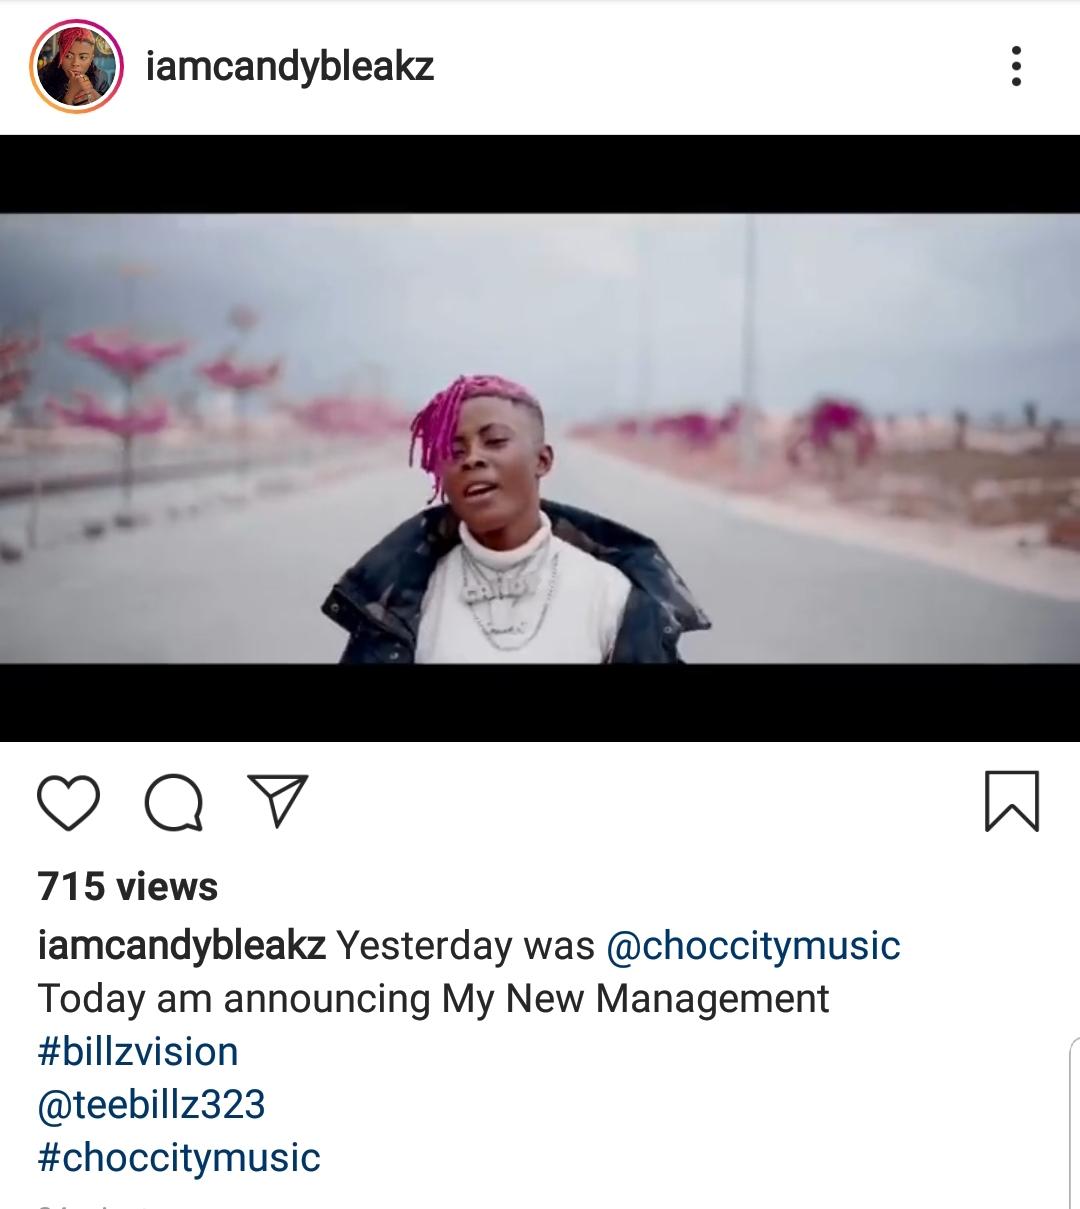 Candy Bleakz announce Teebillz as her manager